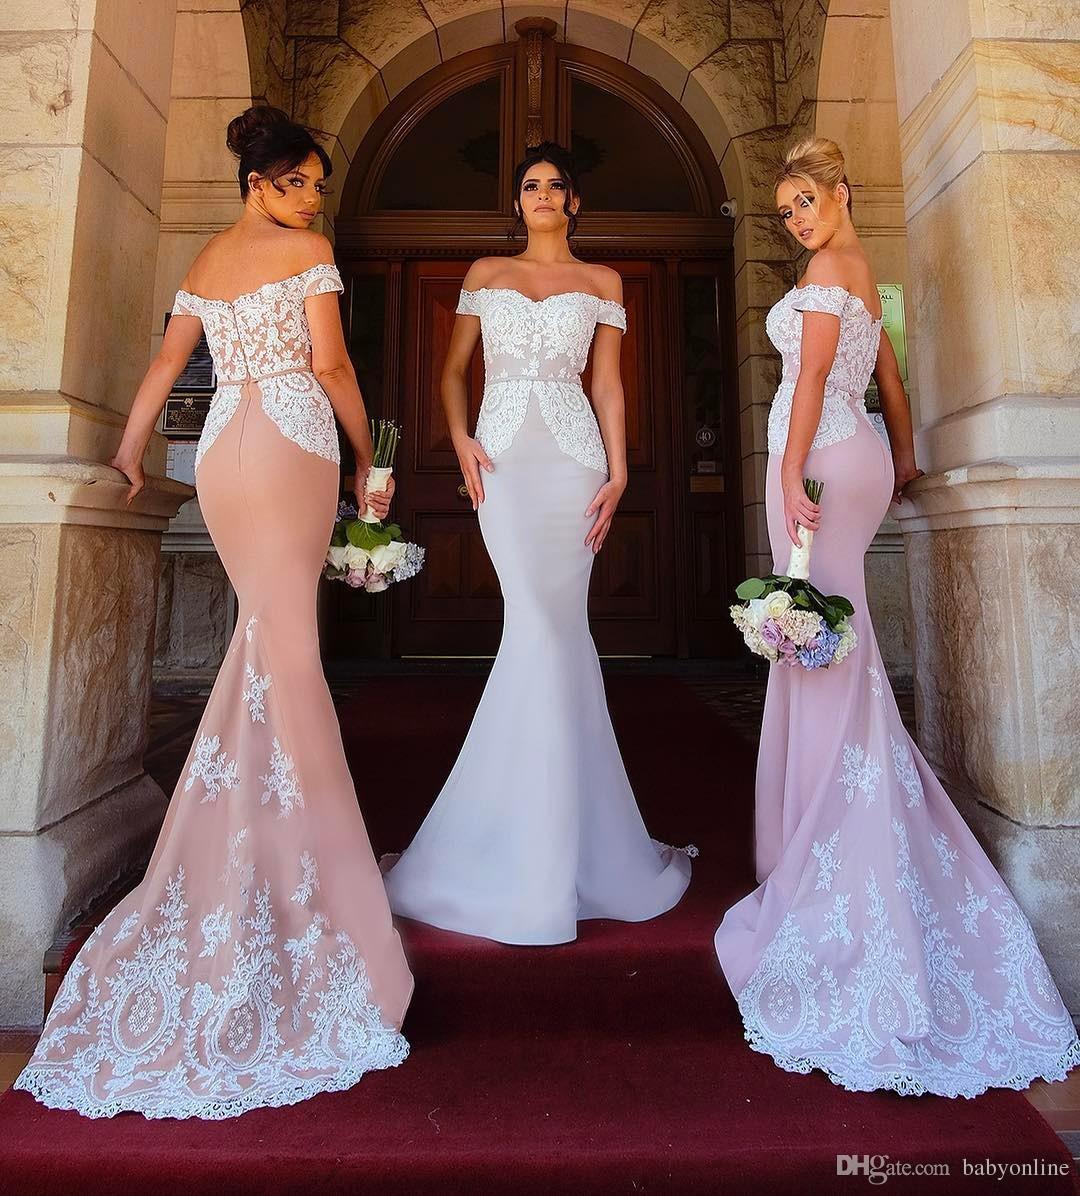 2018 Mermaid Bridesmaid Dresses Elegant Off Shoulder Lace Appliques